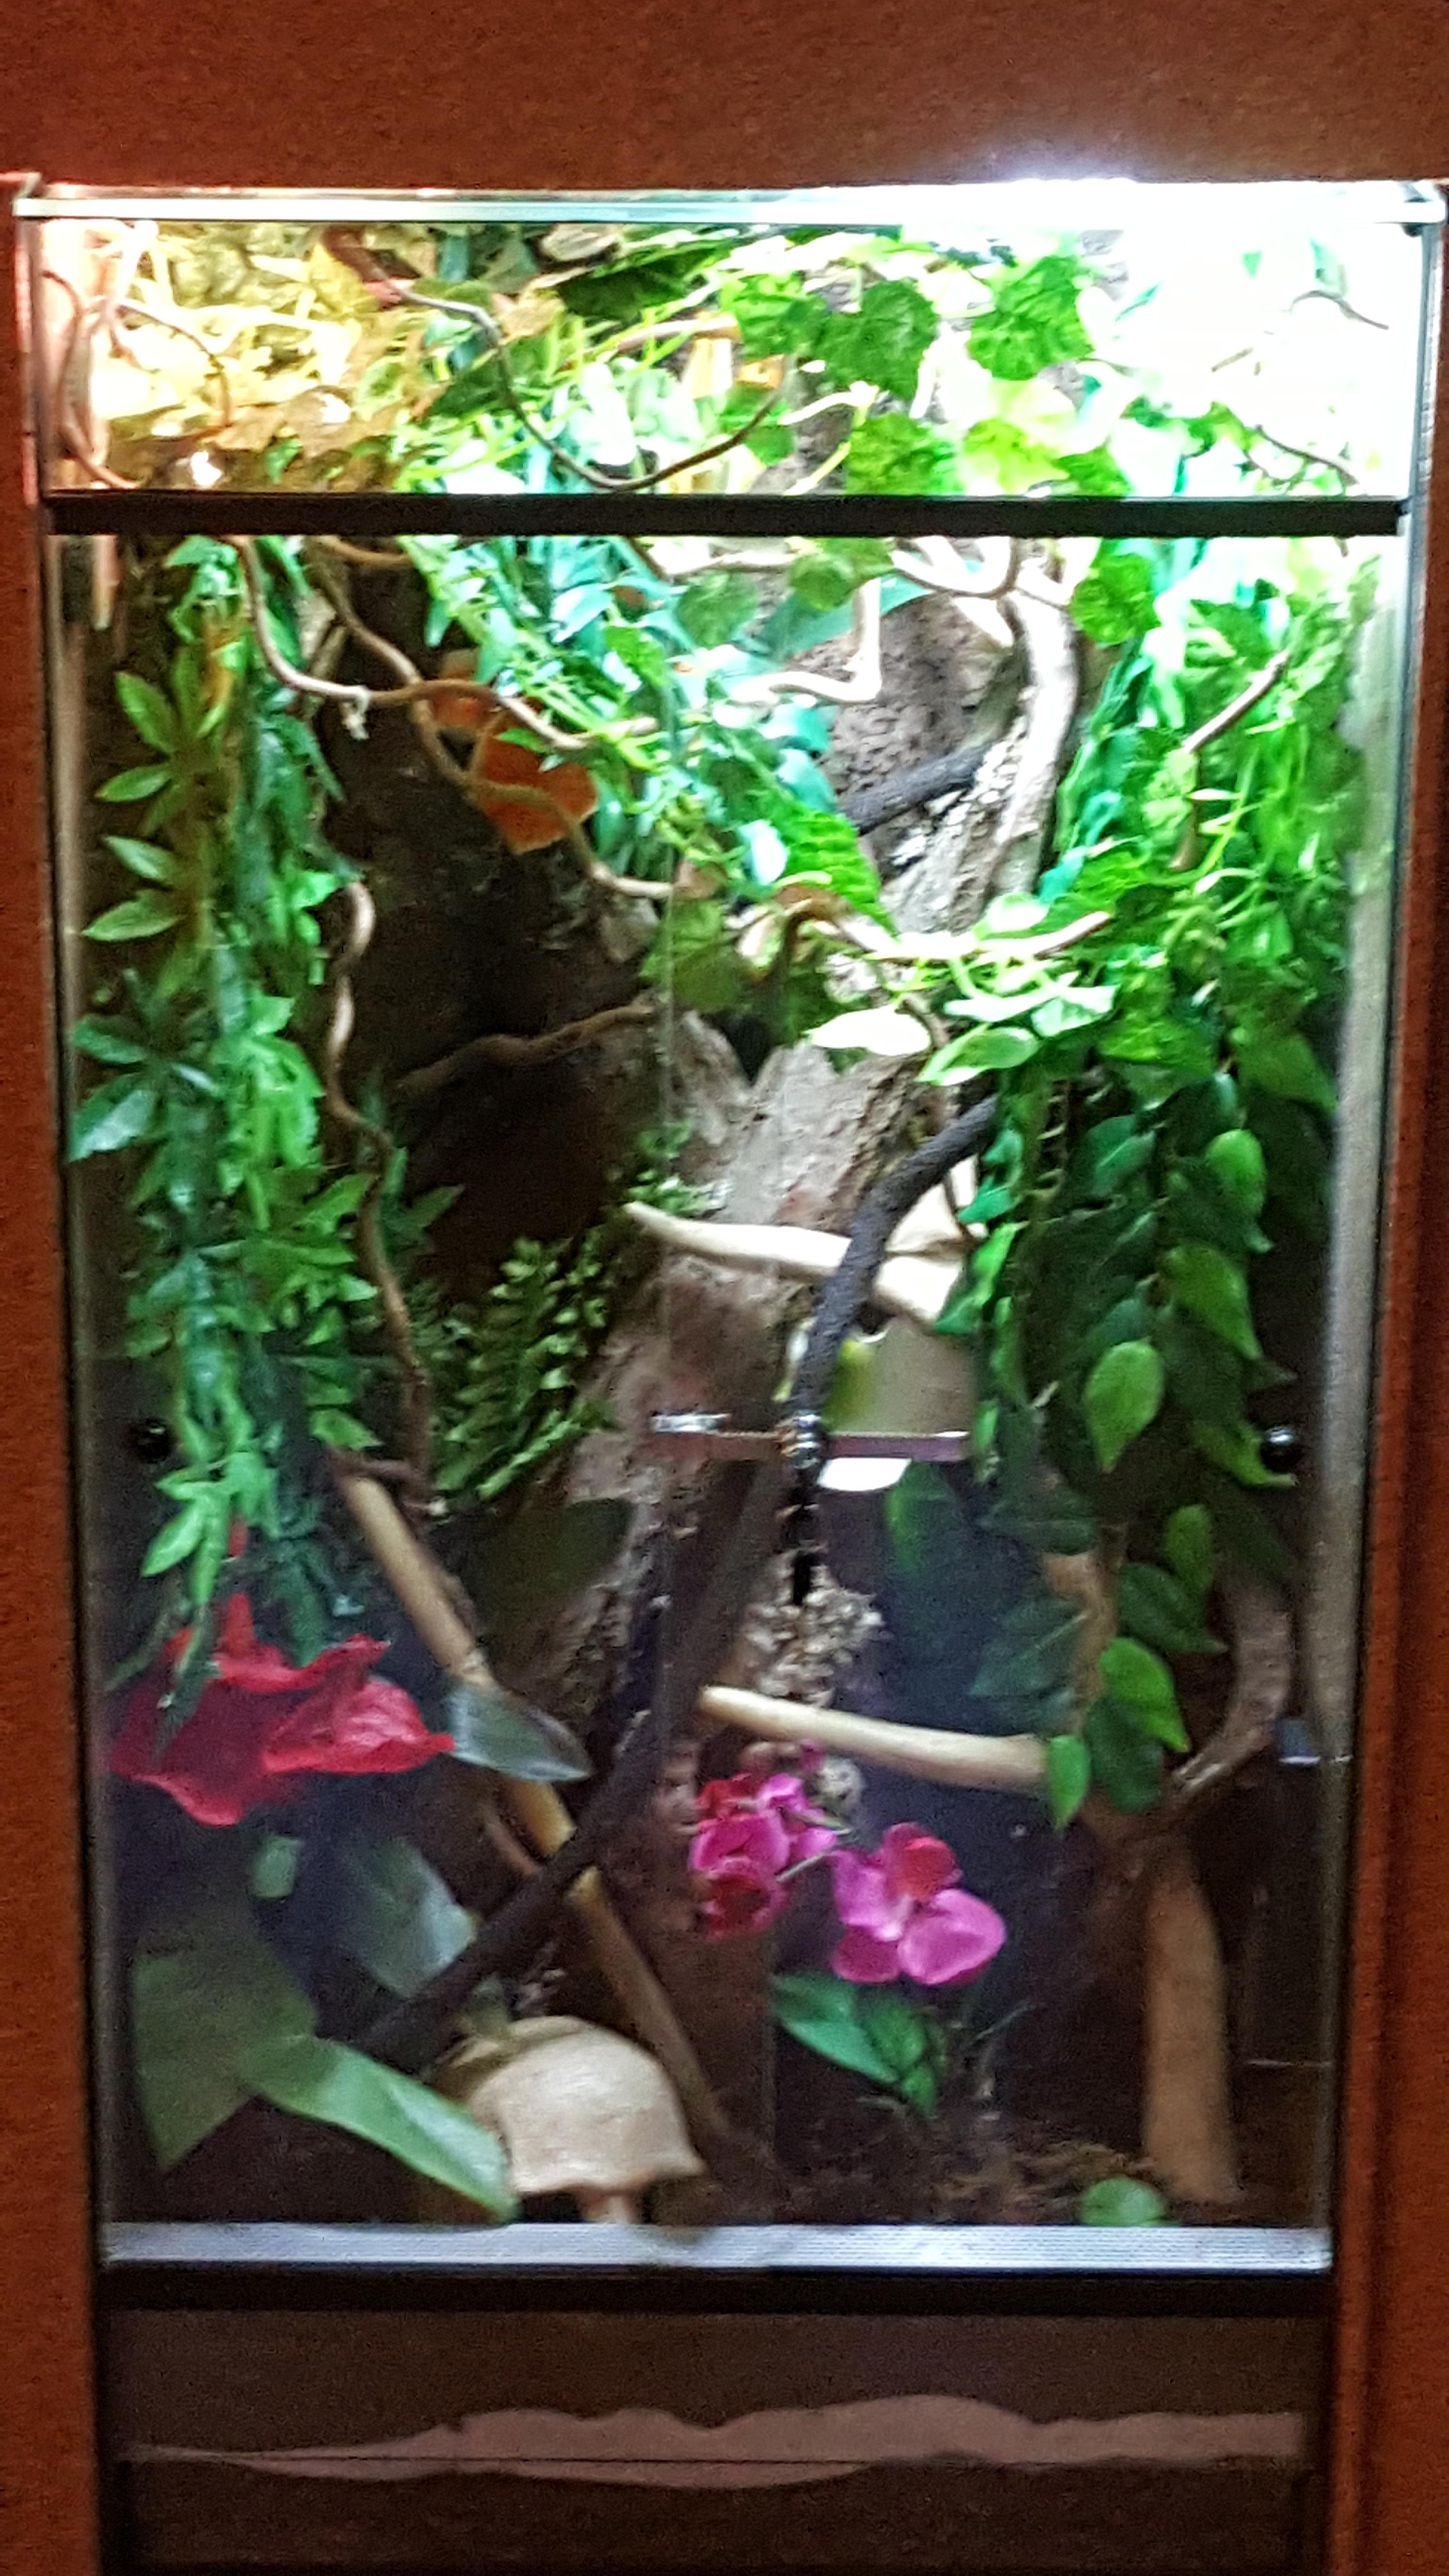 kronengecko allgemeine fragen weitere geckoarten. Black Bedroom Furniture Sets. Home Design Ideas